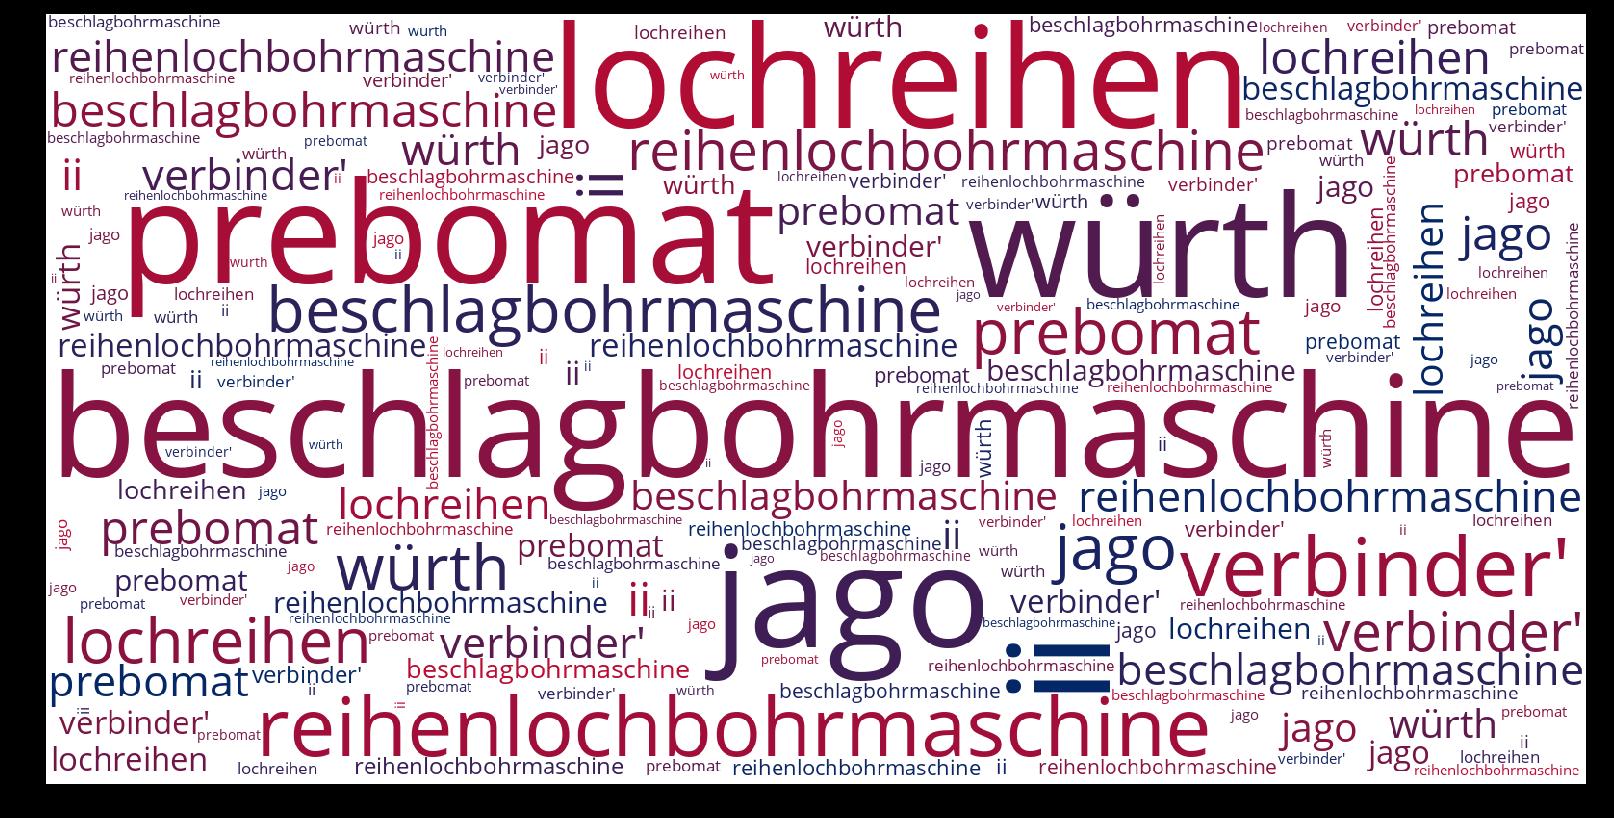 Reihenlochbohrmaschine-wordcloud